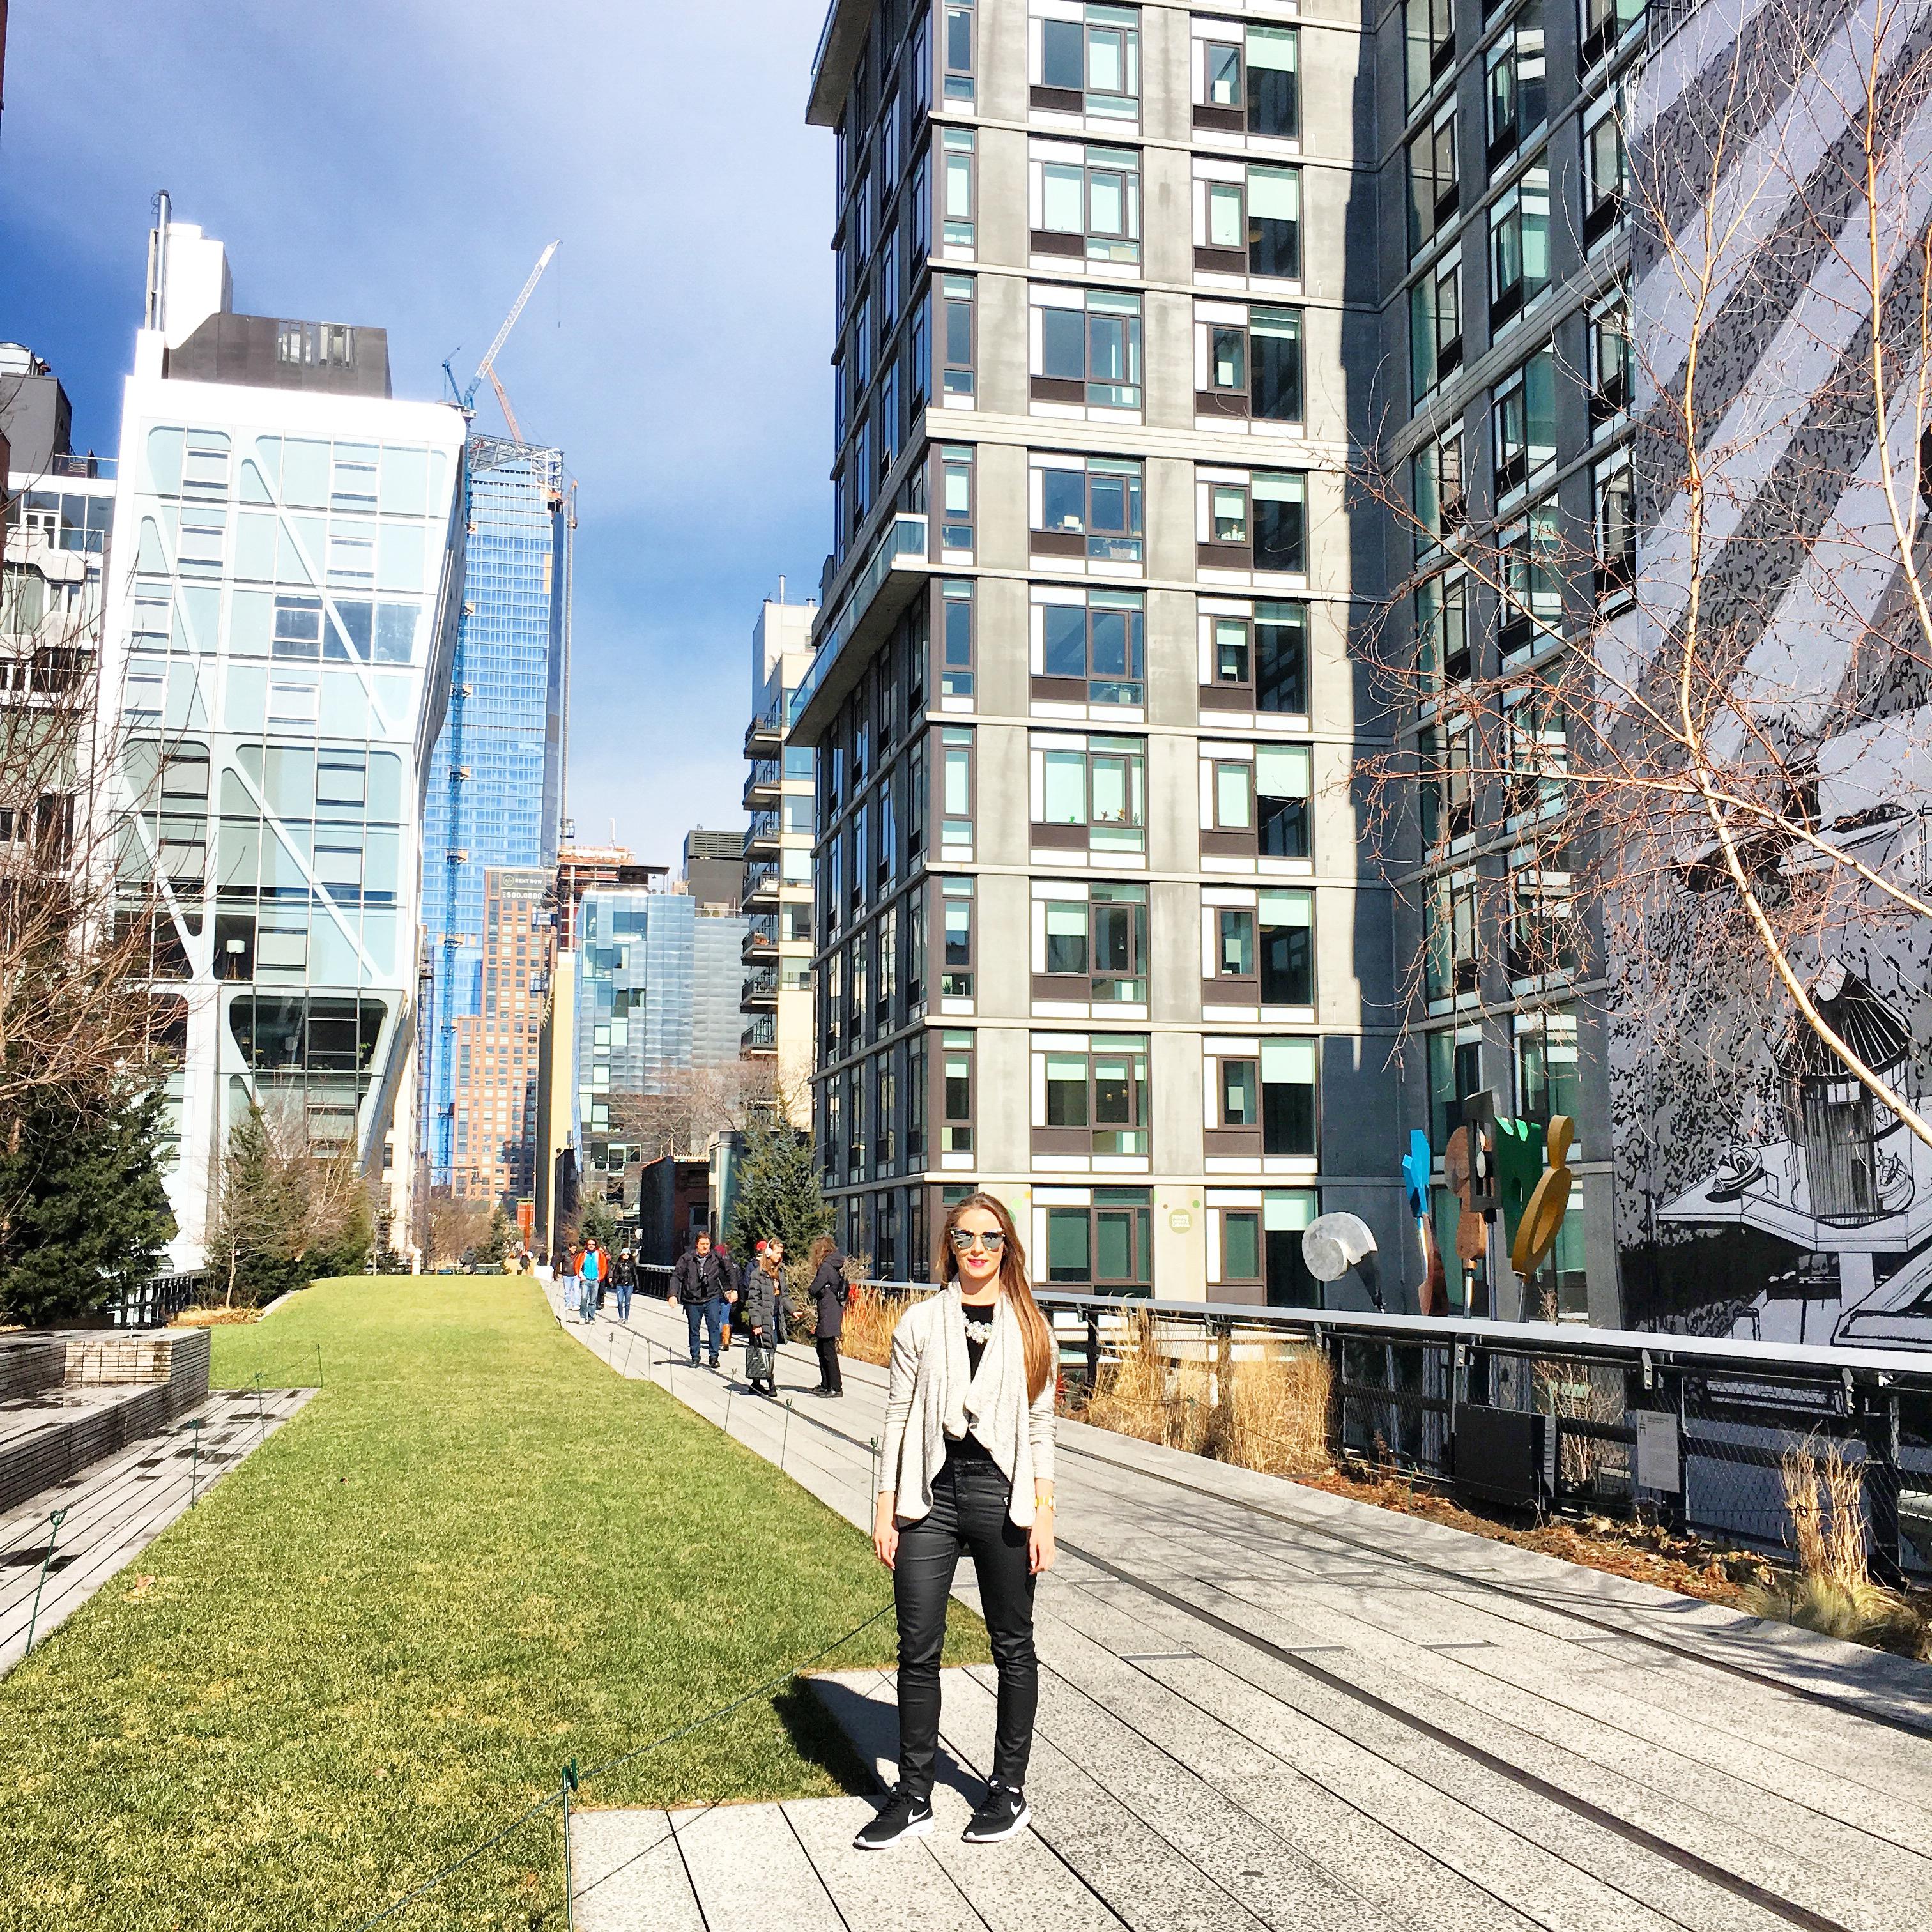 High line park sophie